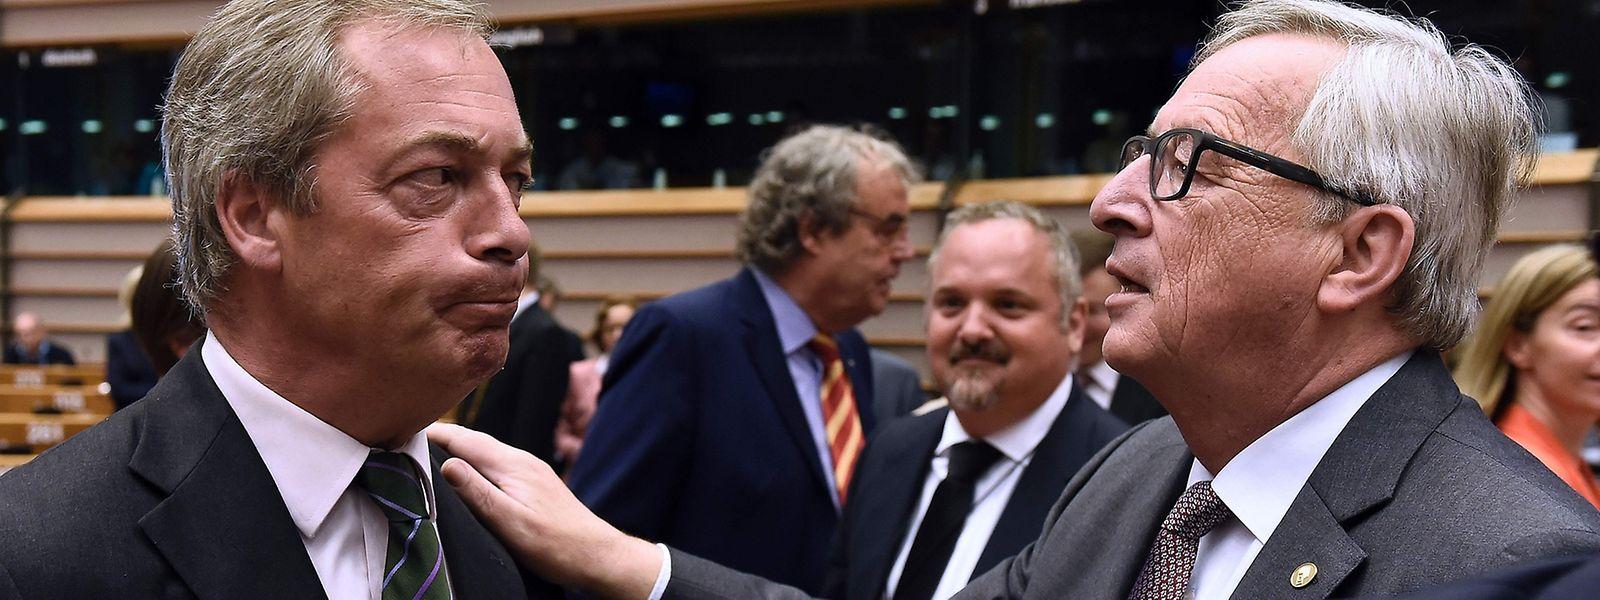 Vor der Sitzung hatte Jean-Claude Juncker Farage noch mit einer Umarmung gegrüßt - während der Sitzung wurde der Ton etwas rauer.